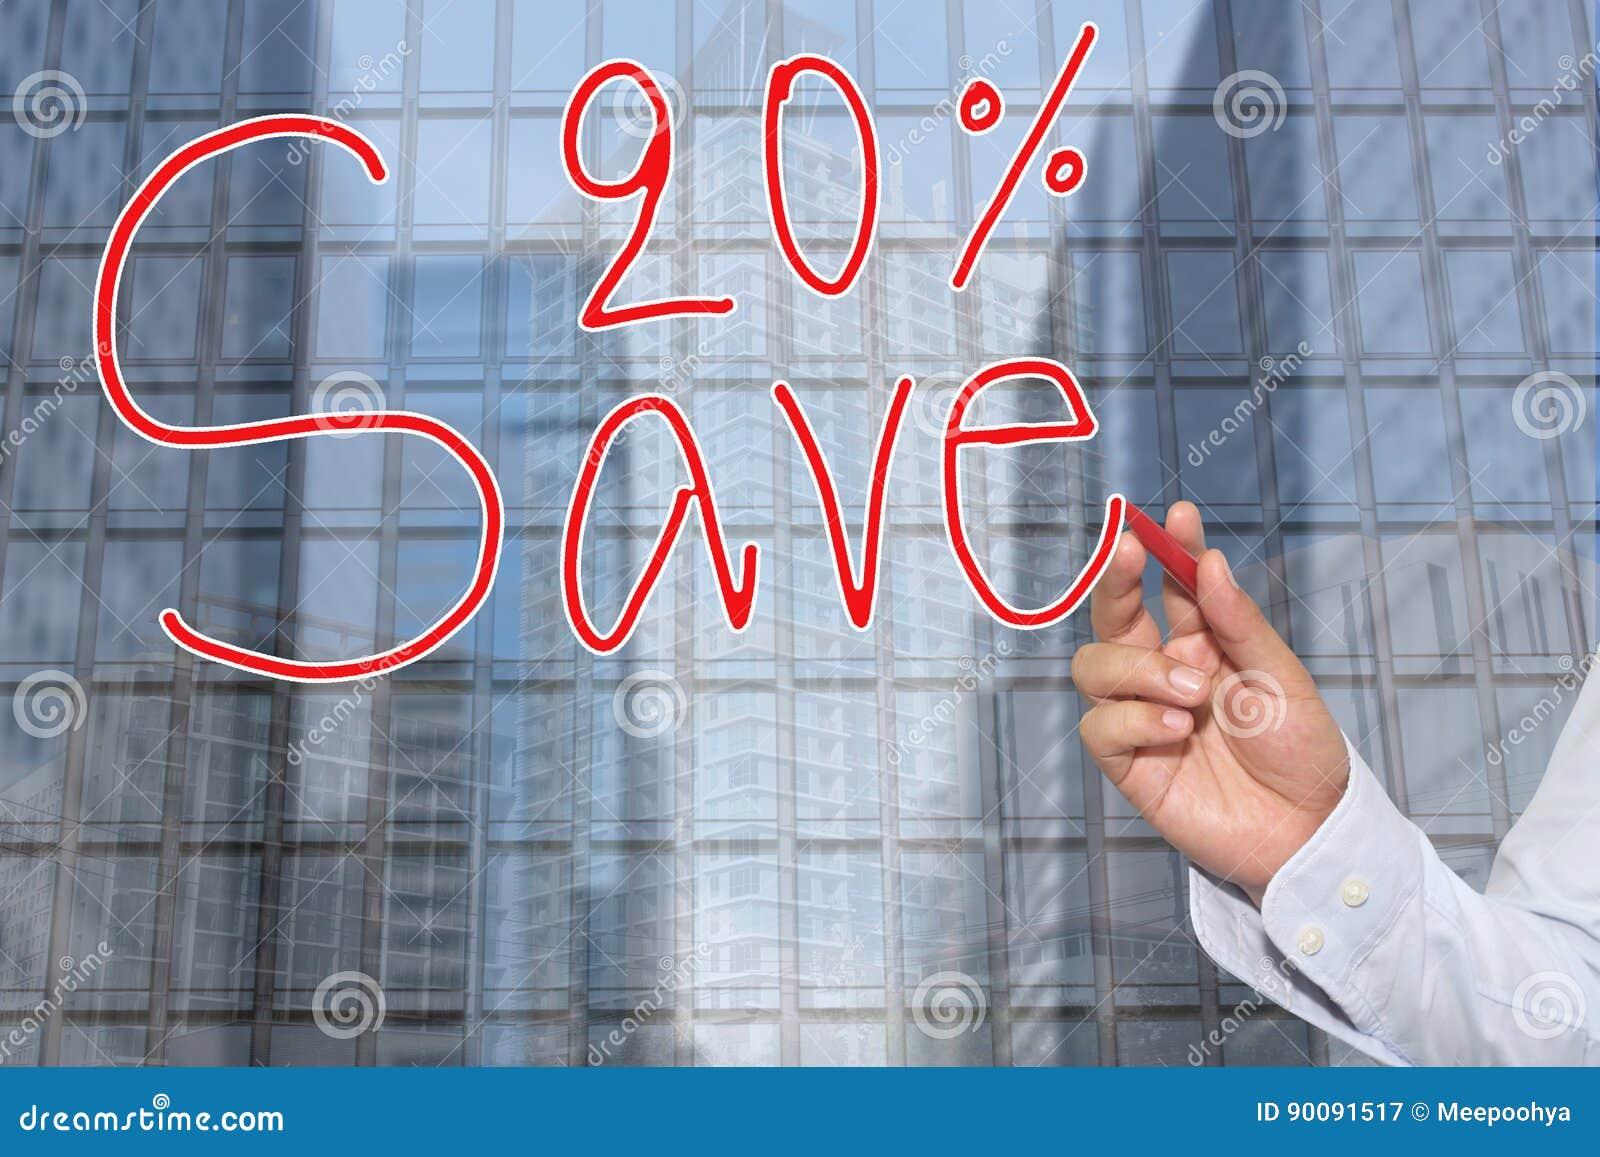 Hand einer Geschäftsmannhand gezeichnet einem Wort von Abwehr 20